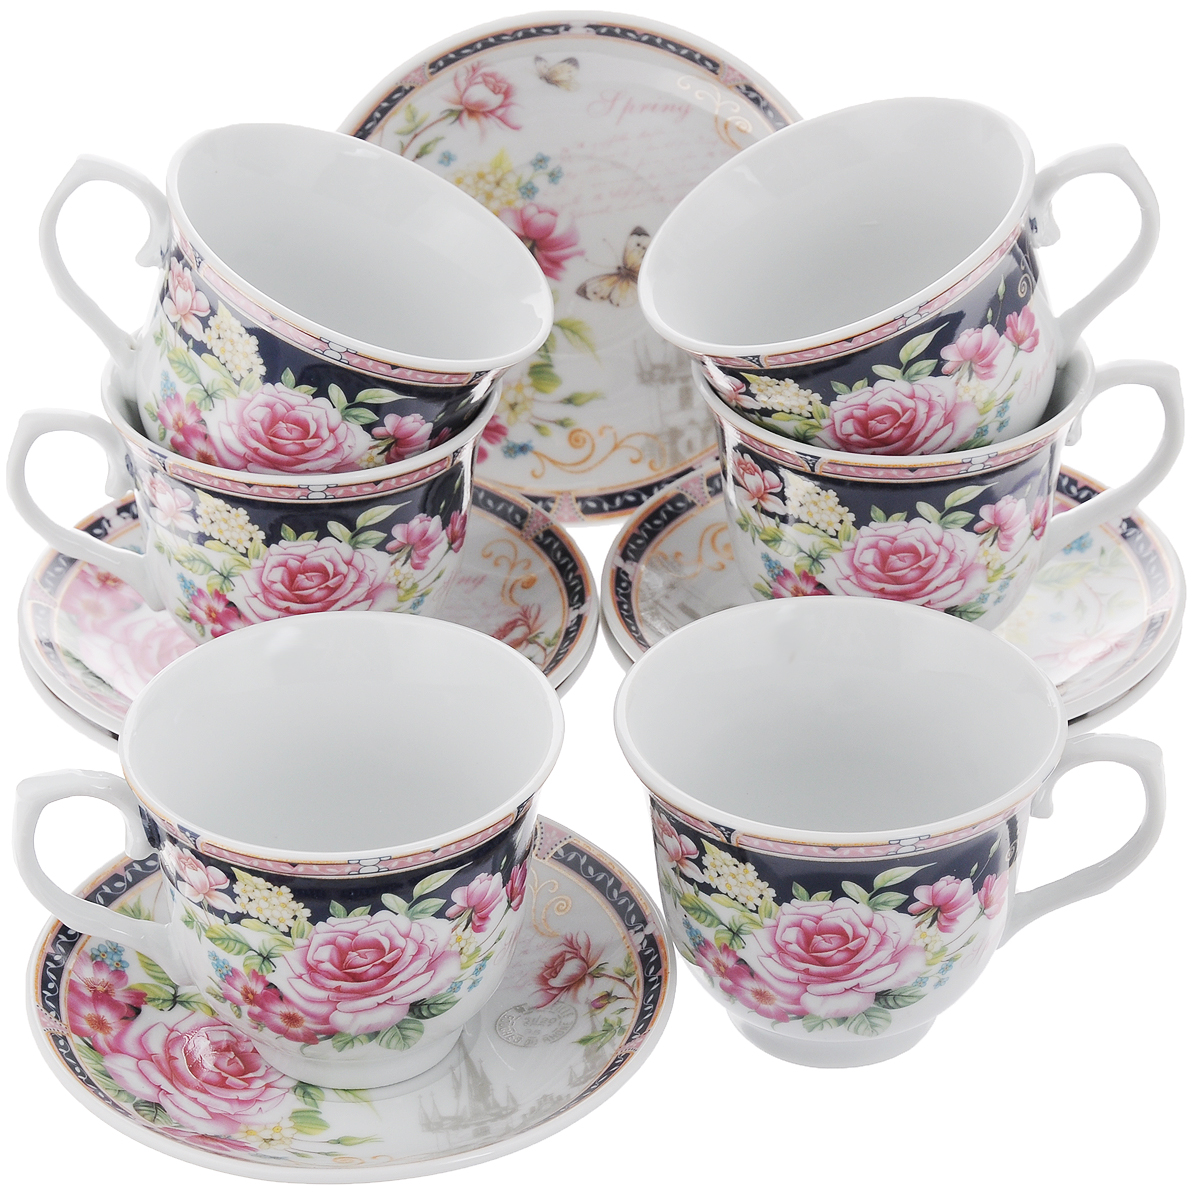 Набор чайный Loraine, 12 предметов. 2578325783Чайный набор Loraine состоит из 6 чашек и 6 блюдец. Изделия выполнены из высококачественного костяного фарфора и оформлены цветочным рисунком. Такой набор дополнит сервировку стола к чаепитию. Благодаря изысканному дизайну и качеству исполнения он станет замечательным подарком для ваших друзей и близких. Набор упакован в подарочную коробку, задрапированную белой атласной тканью. Объем чашки: 220 мл. Диаметр чашки по верхнему краю: 8,7 см. Высота чашки: 7,5 см. Диаметр блюдца: 13,5 см.Высота блюдца: 2,2 см.